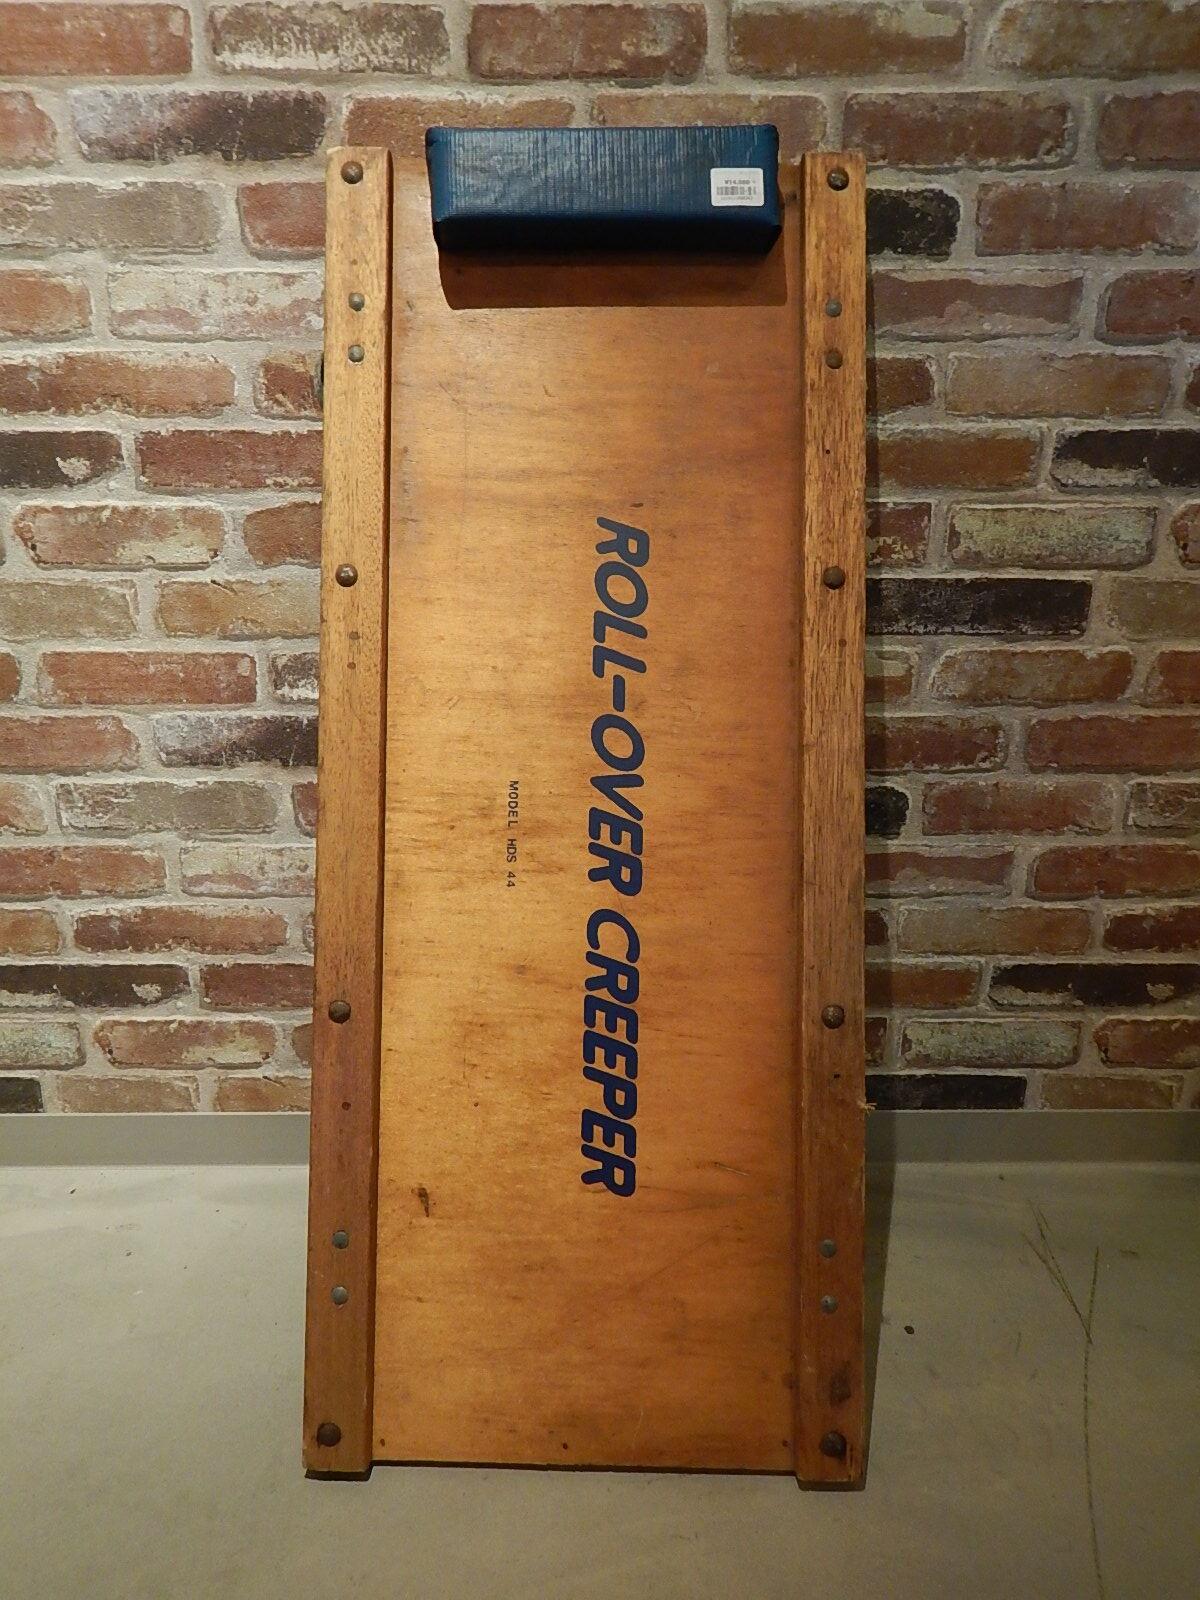 品番6343 クリーパー ROLL-OVER CREEPER  車整備 寝板 ヴィンテージ 011